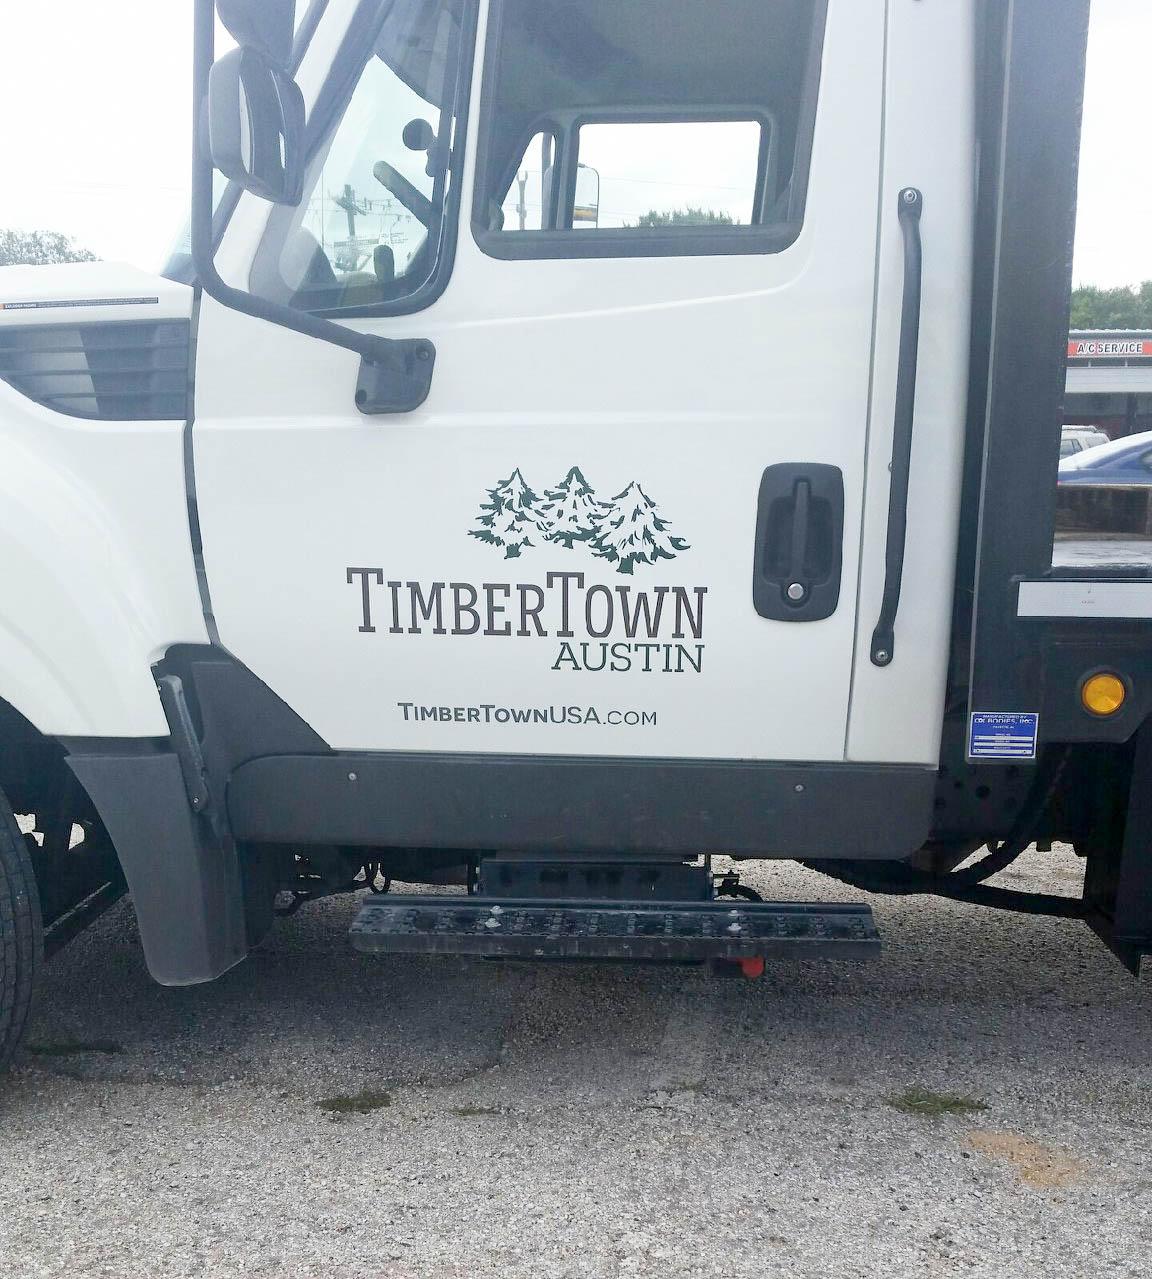 Timber Town Austin